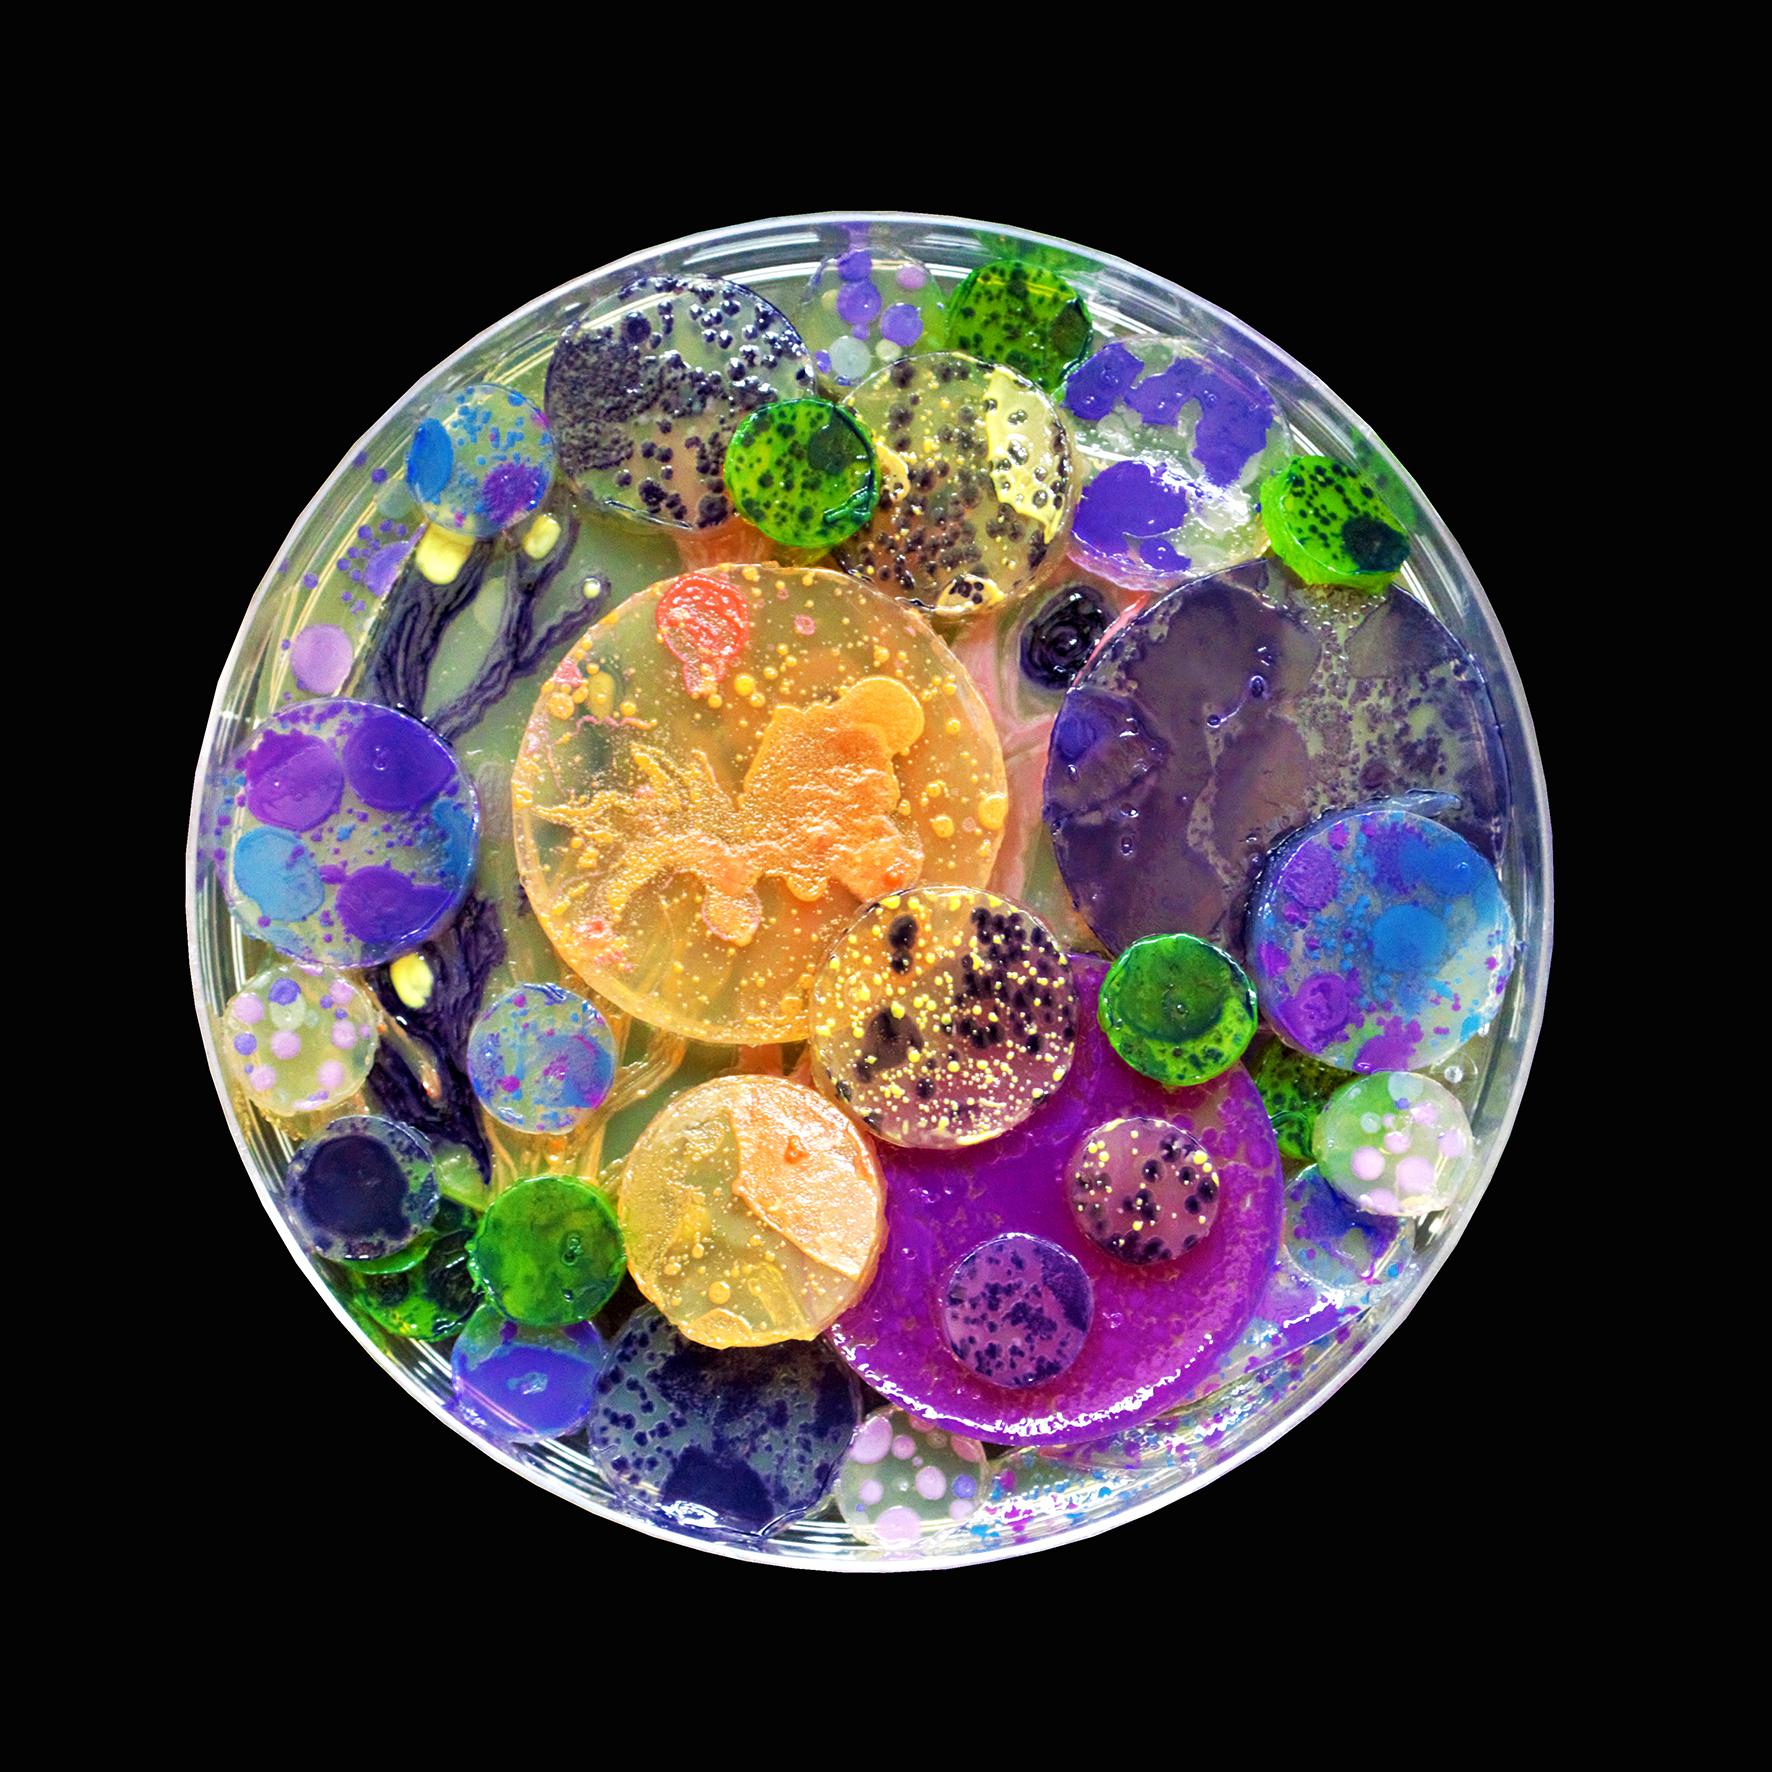 Penil Cobo,  Remainders , Microbes in agar